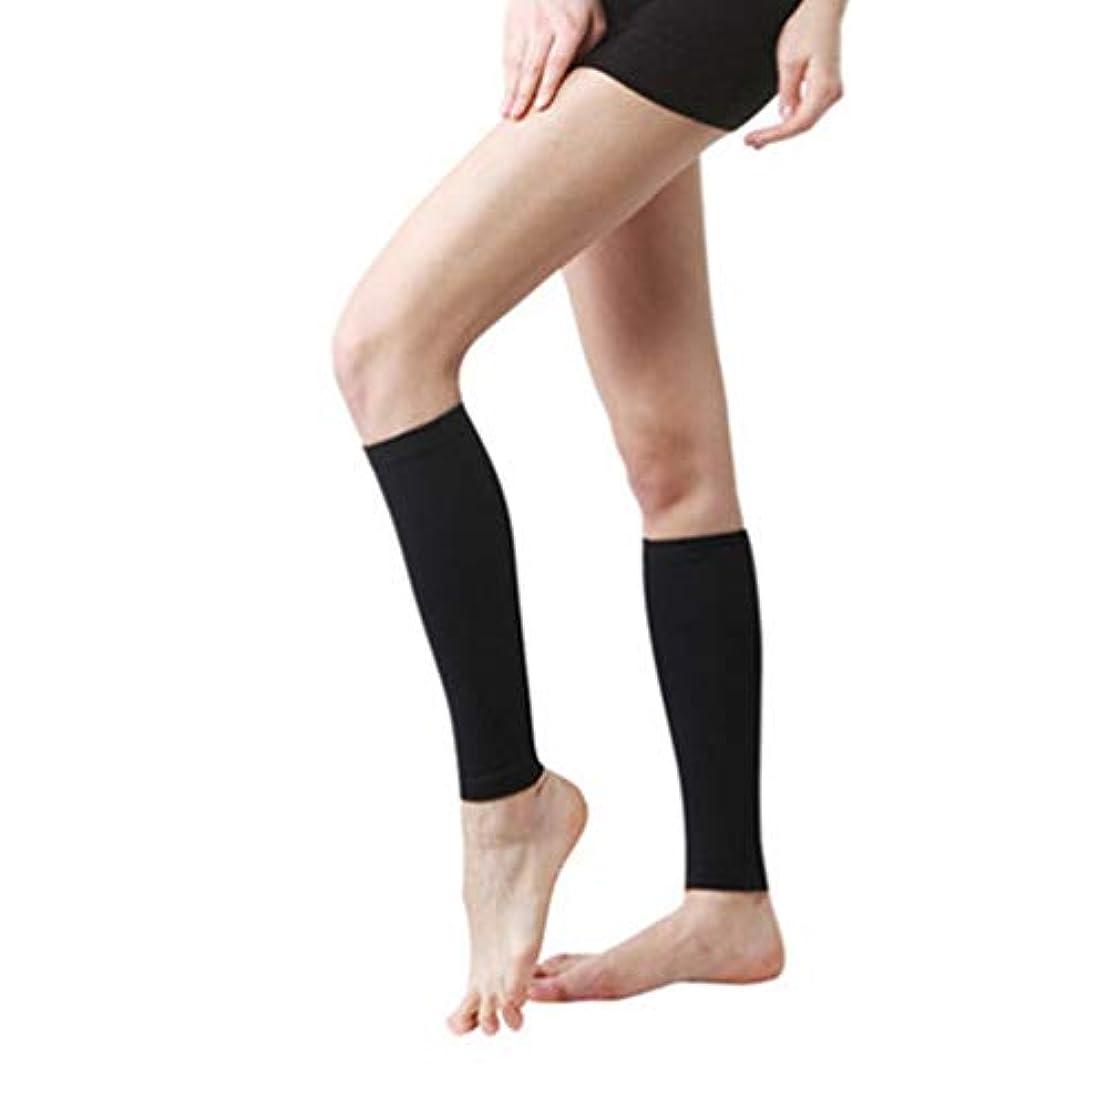 陸軍ジャーナリスト繰り返す丈夫な男性女性プロの圧縮靴下通気性のある旅行活動看護師用シンススプリントフライトトラベル - ブラック